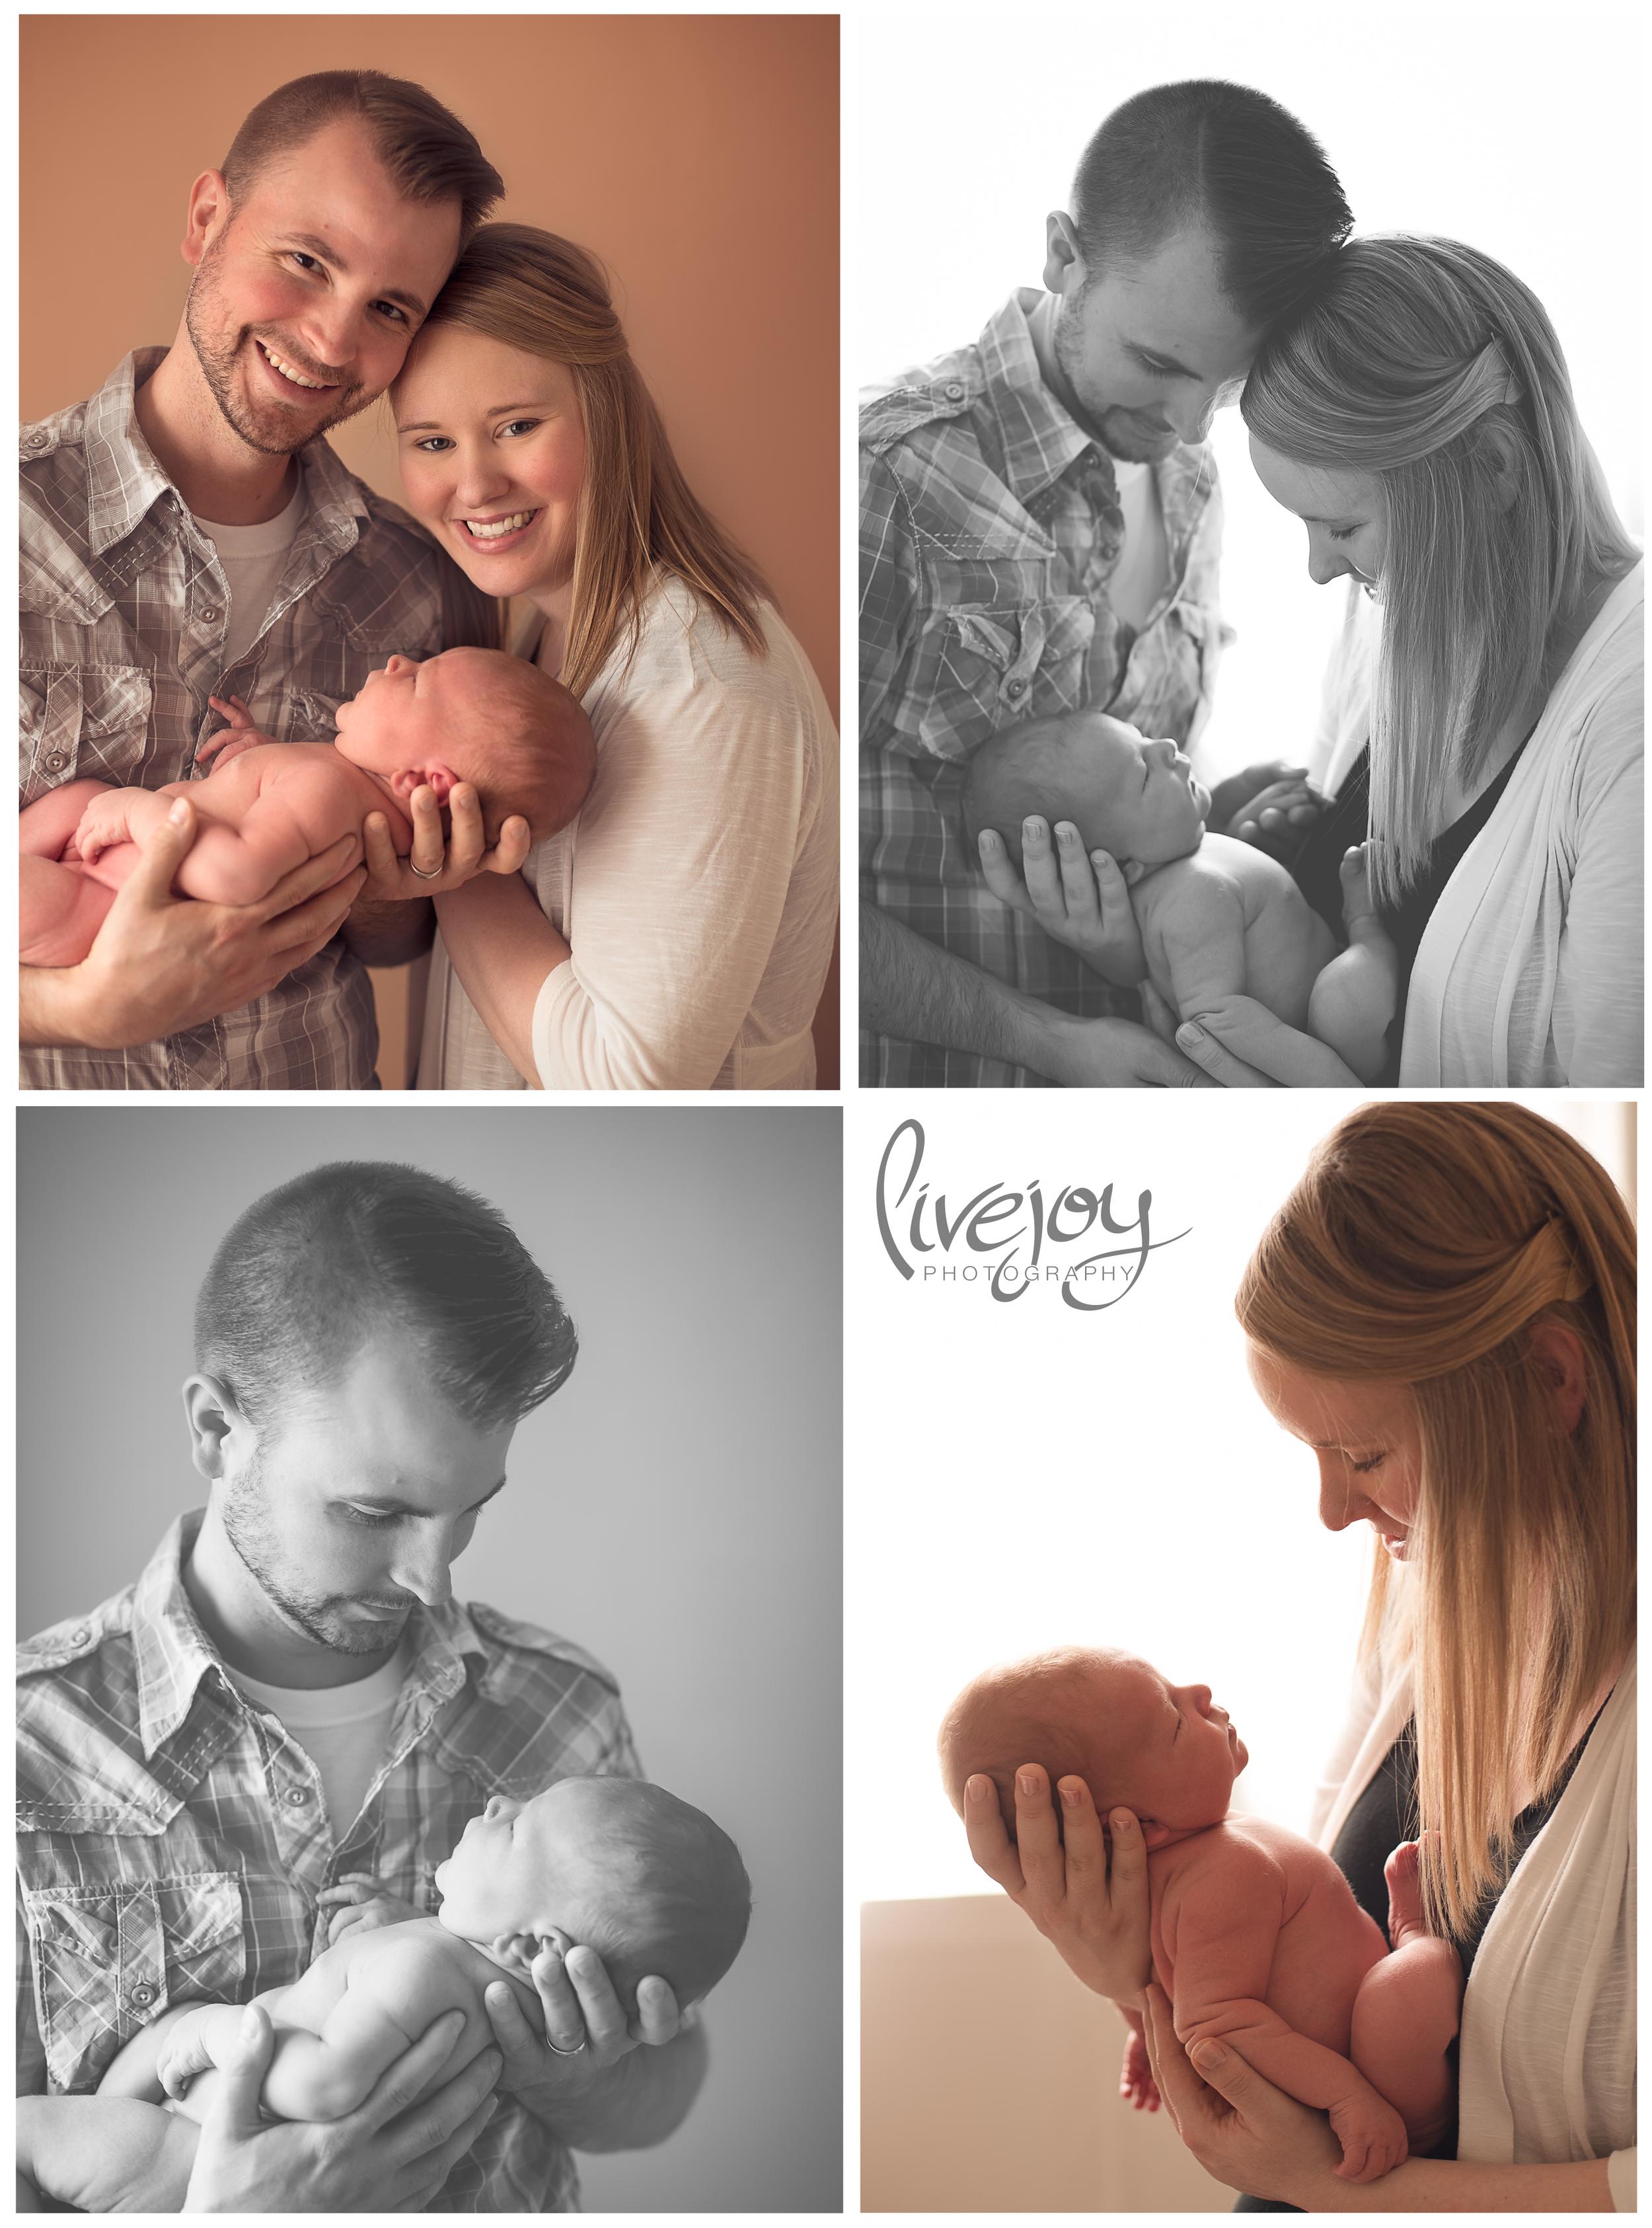 Newborn Boy Photography | Oregon | LiveJoy Photography